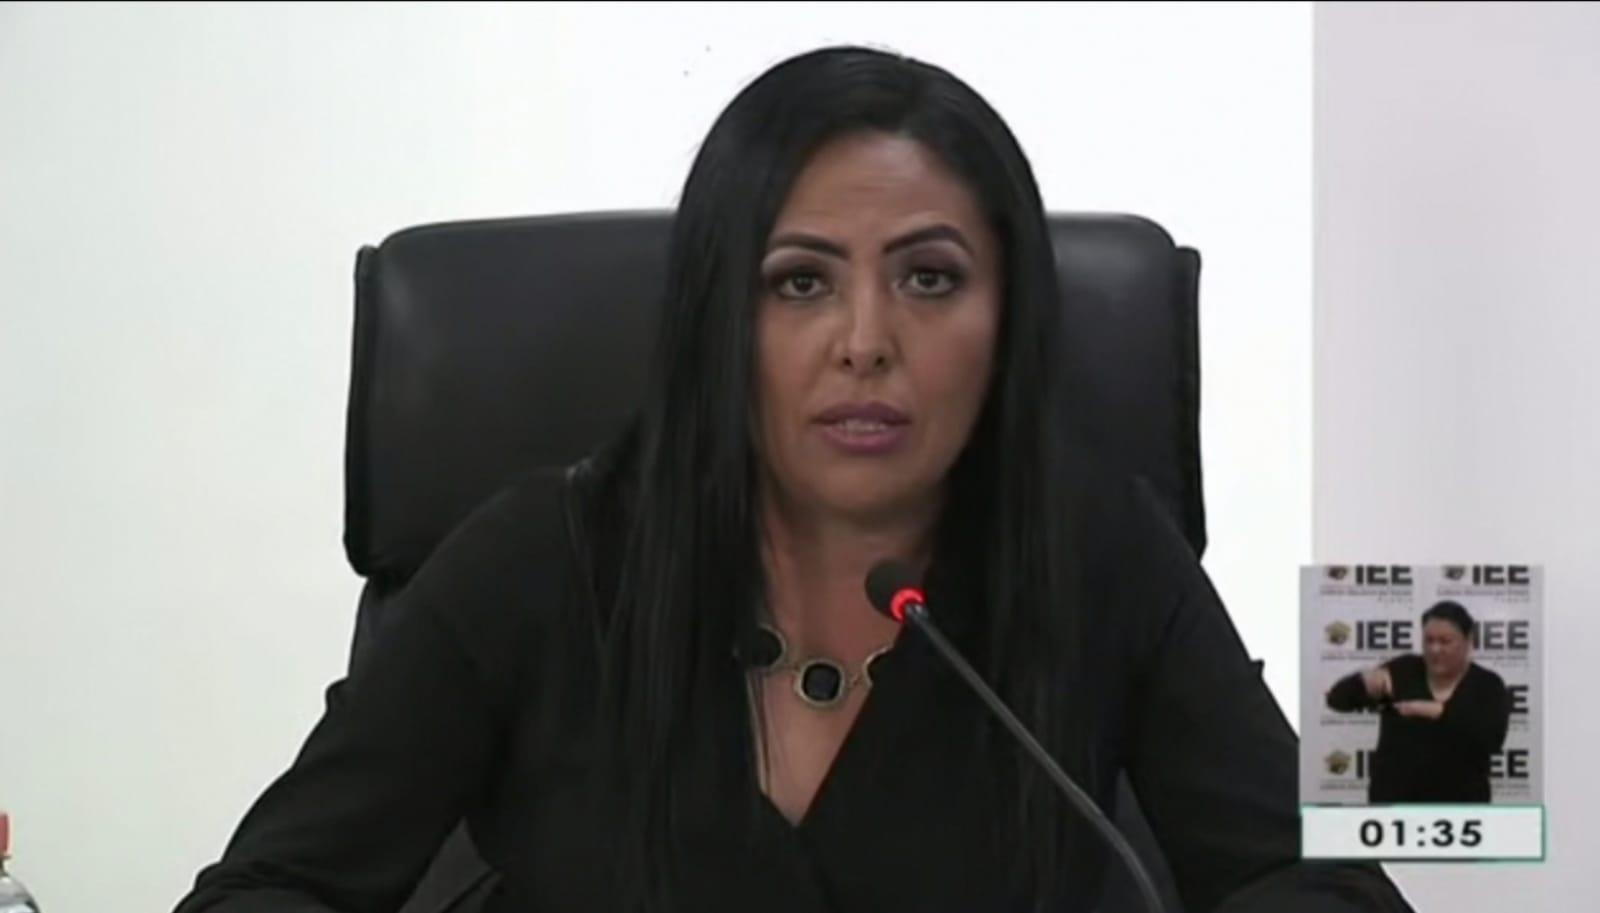 Puebla reclama y no perdonan la mentira y el cinismo; ganó el debate la candidata que dio voz a los poblanos, Evelyn Hurtado